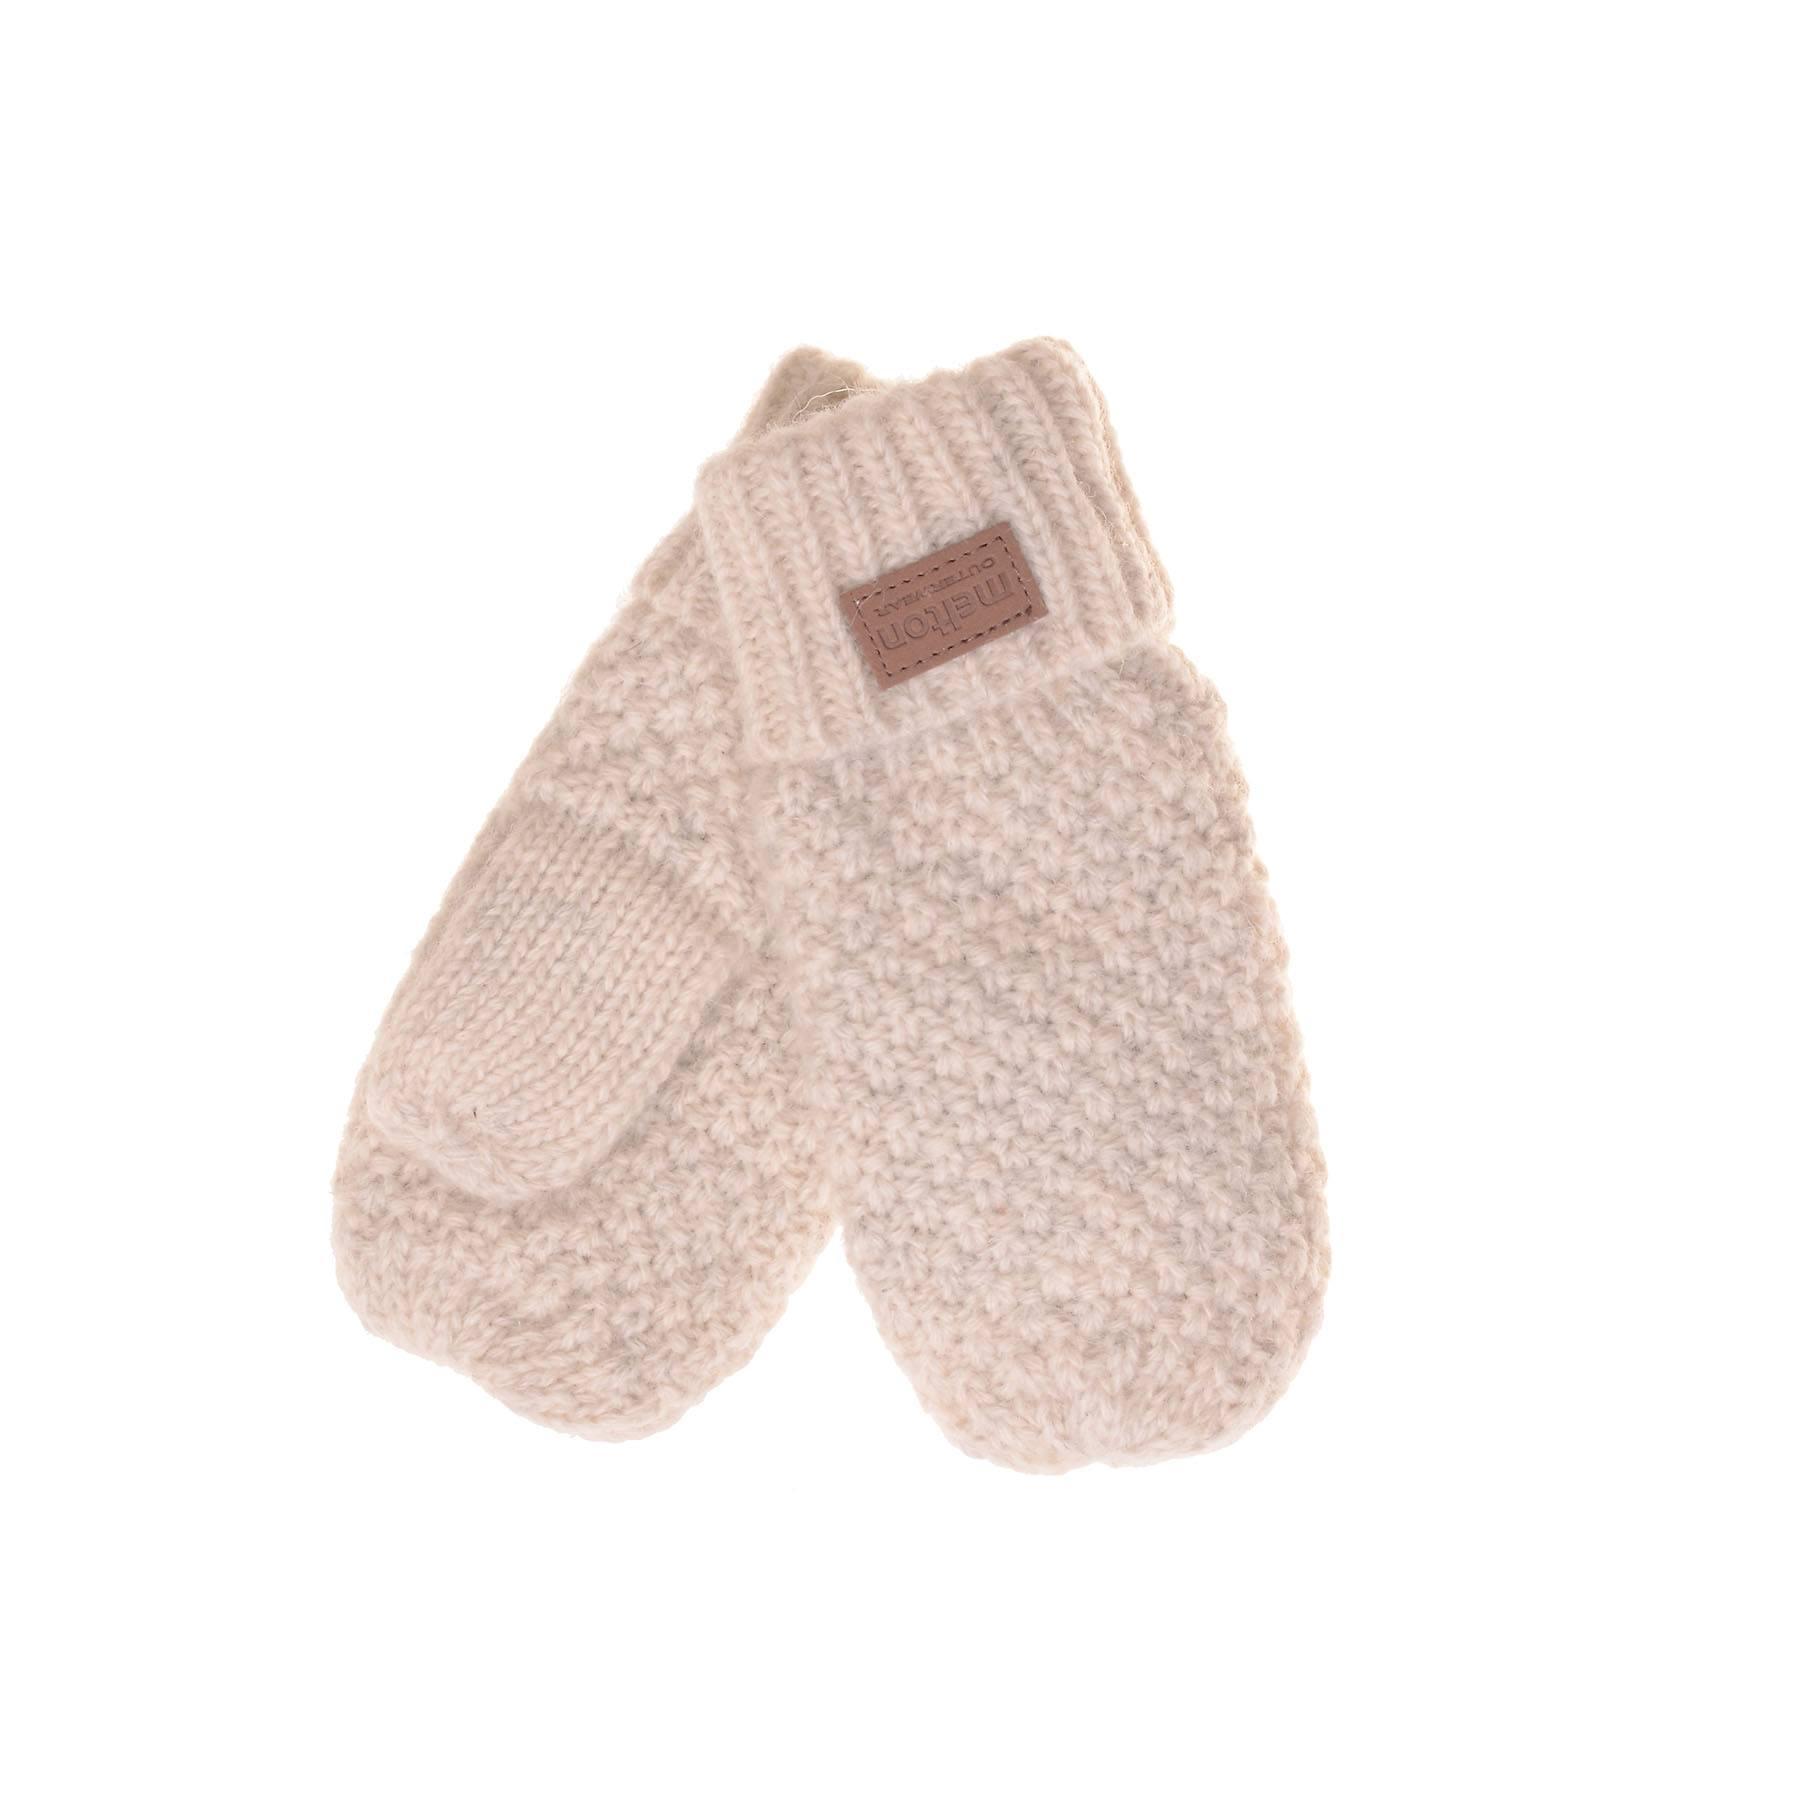 Luffer i uld til børn og babyer - Med tommeltot - Hvid - Melton